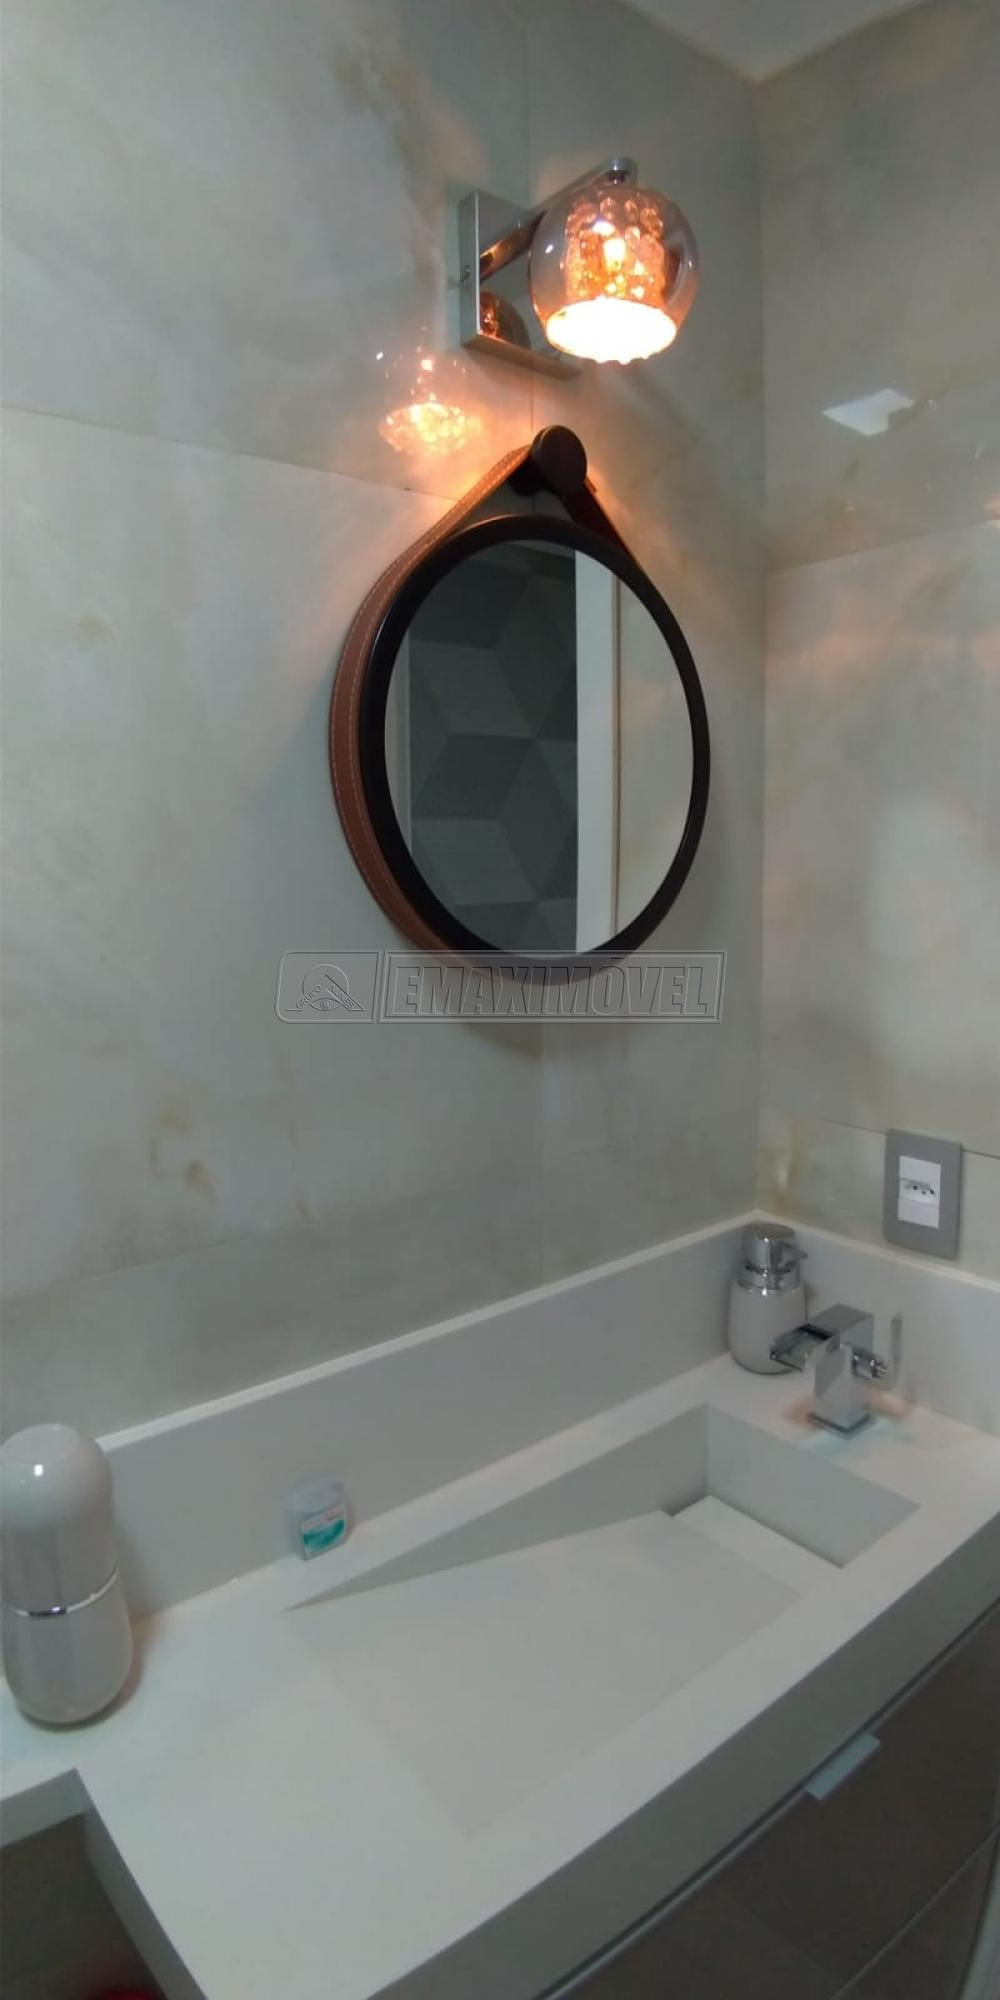 Comprar Apartamento / Padrão em Sorocaba R$ 300.000,00 - Foto 14